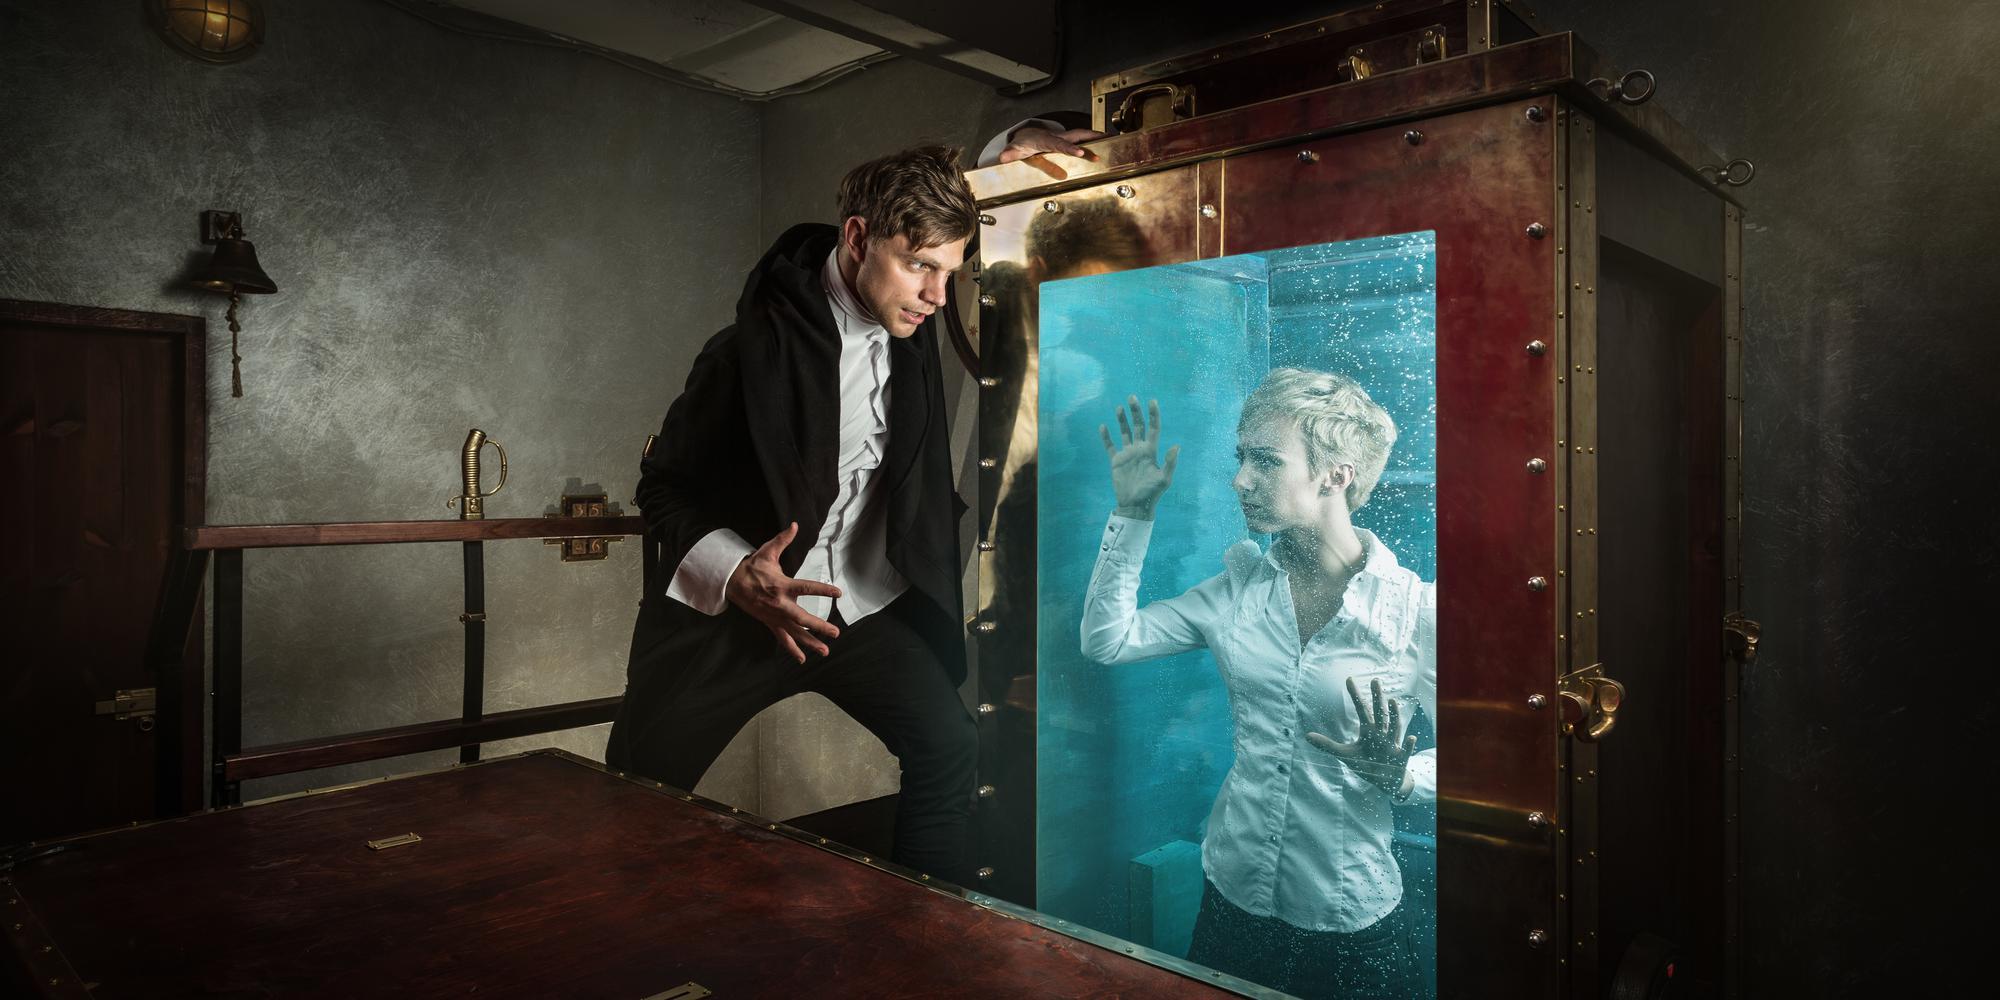 Фотография квеста «Houdini escape»